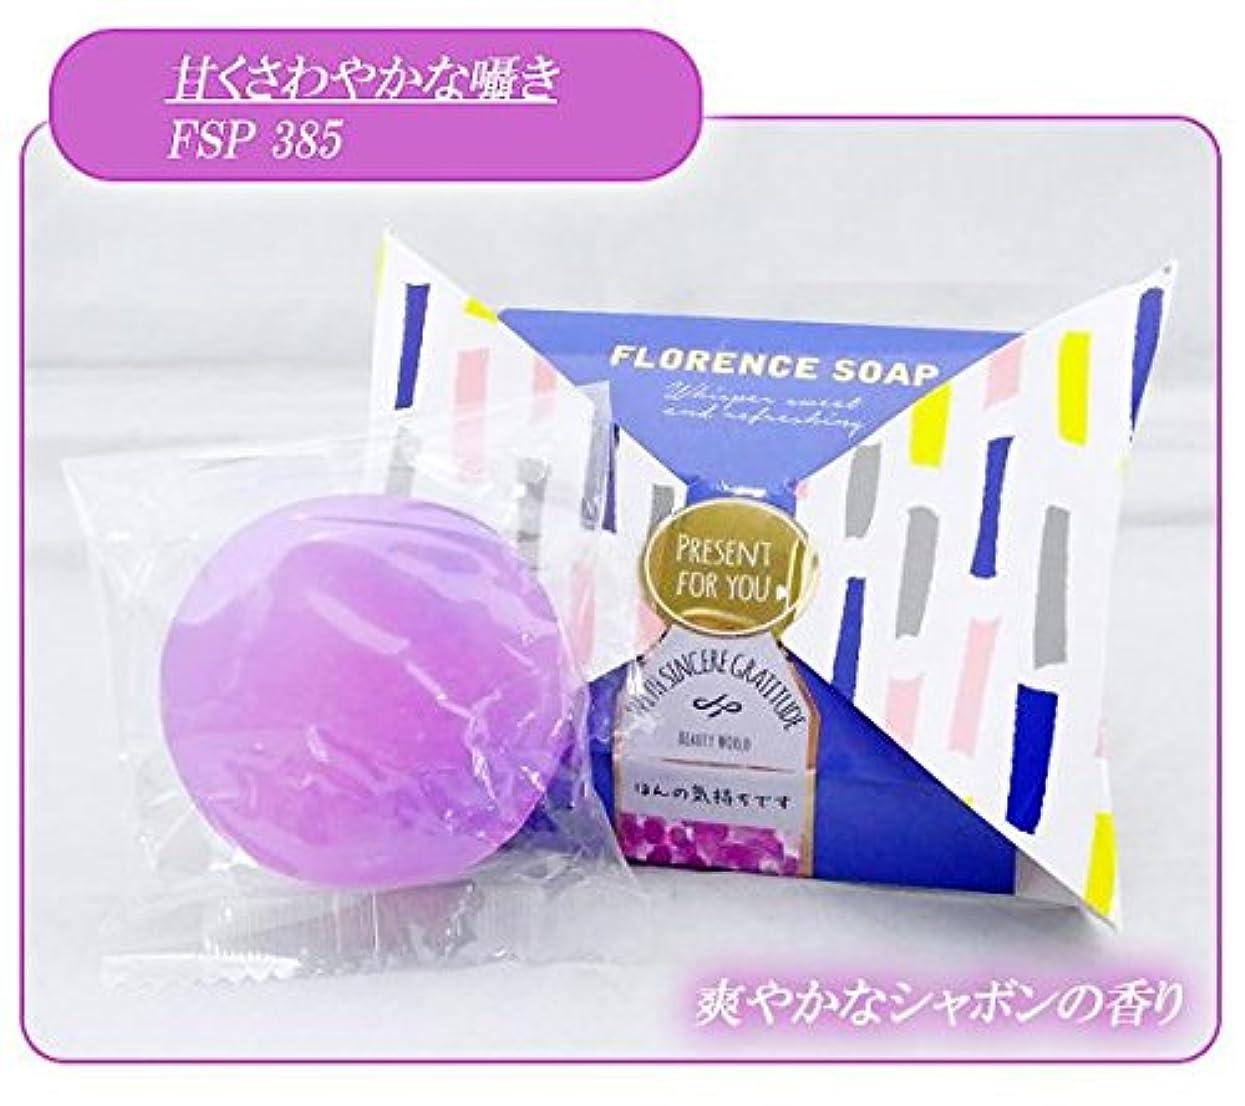 絶滅させる動作ビューティーワールド BWフローレンスの香り石けん リボンパッケージ 6個セット 甘くさわやかな囁き